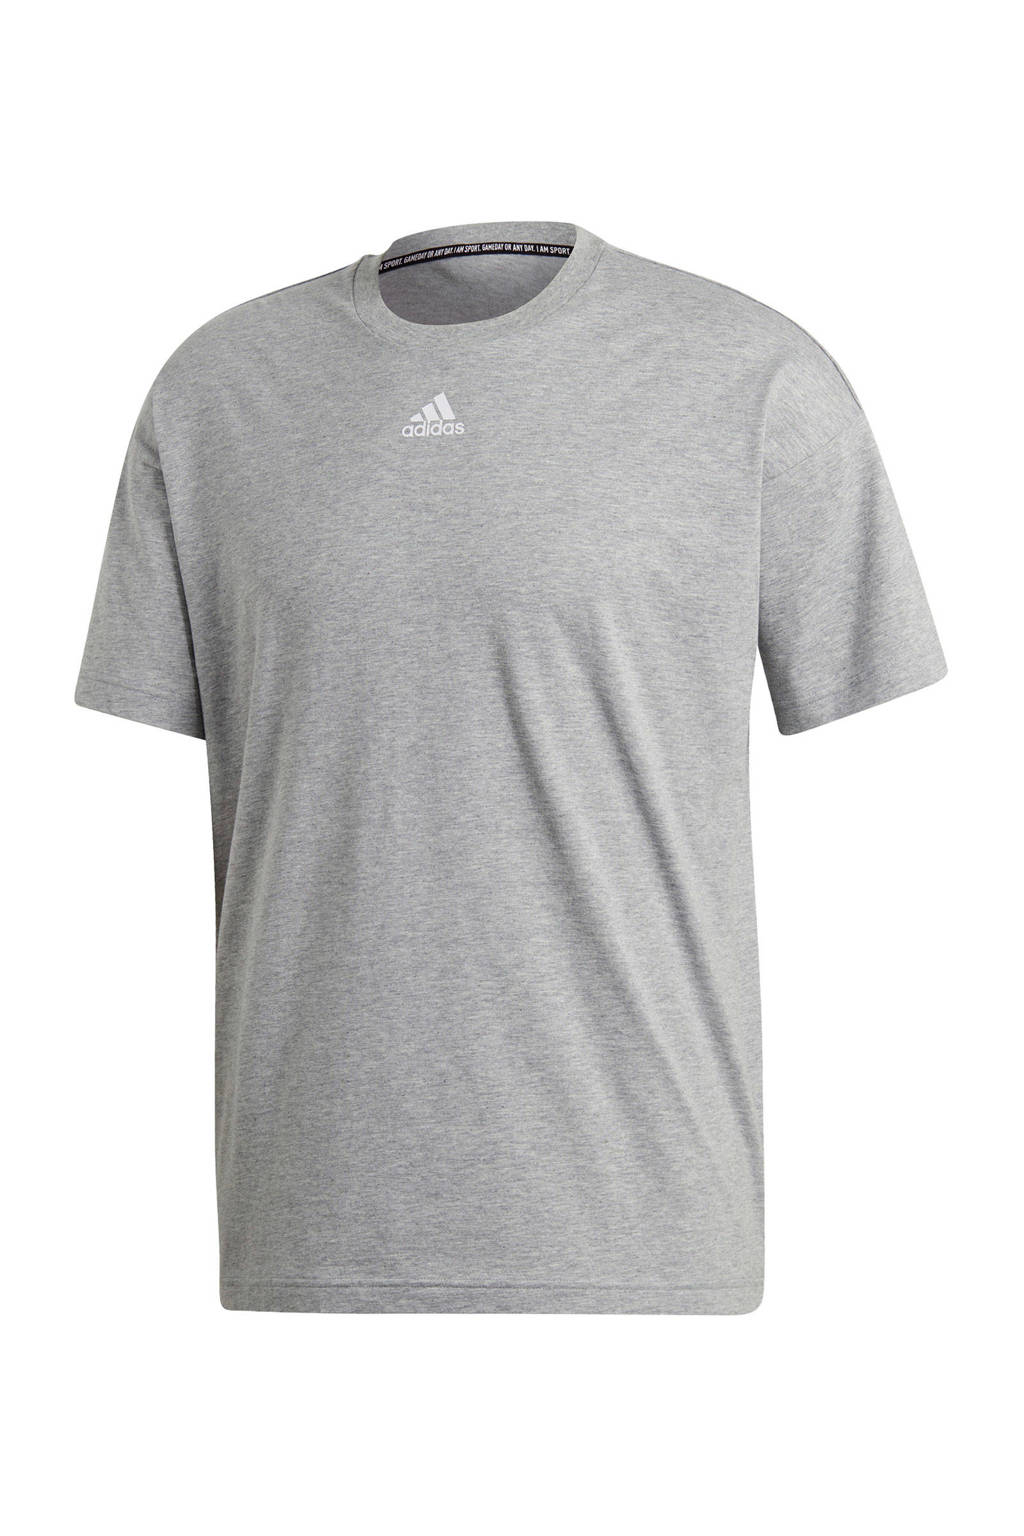 adidas   sport T-shirt grijs, Grijs